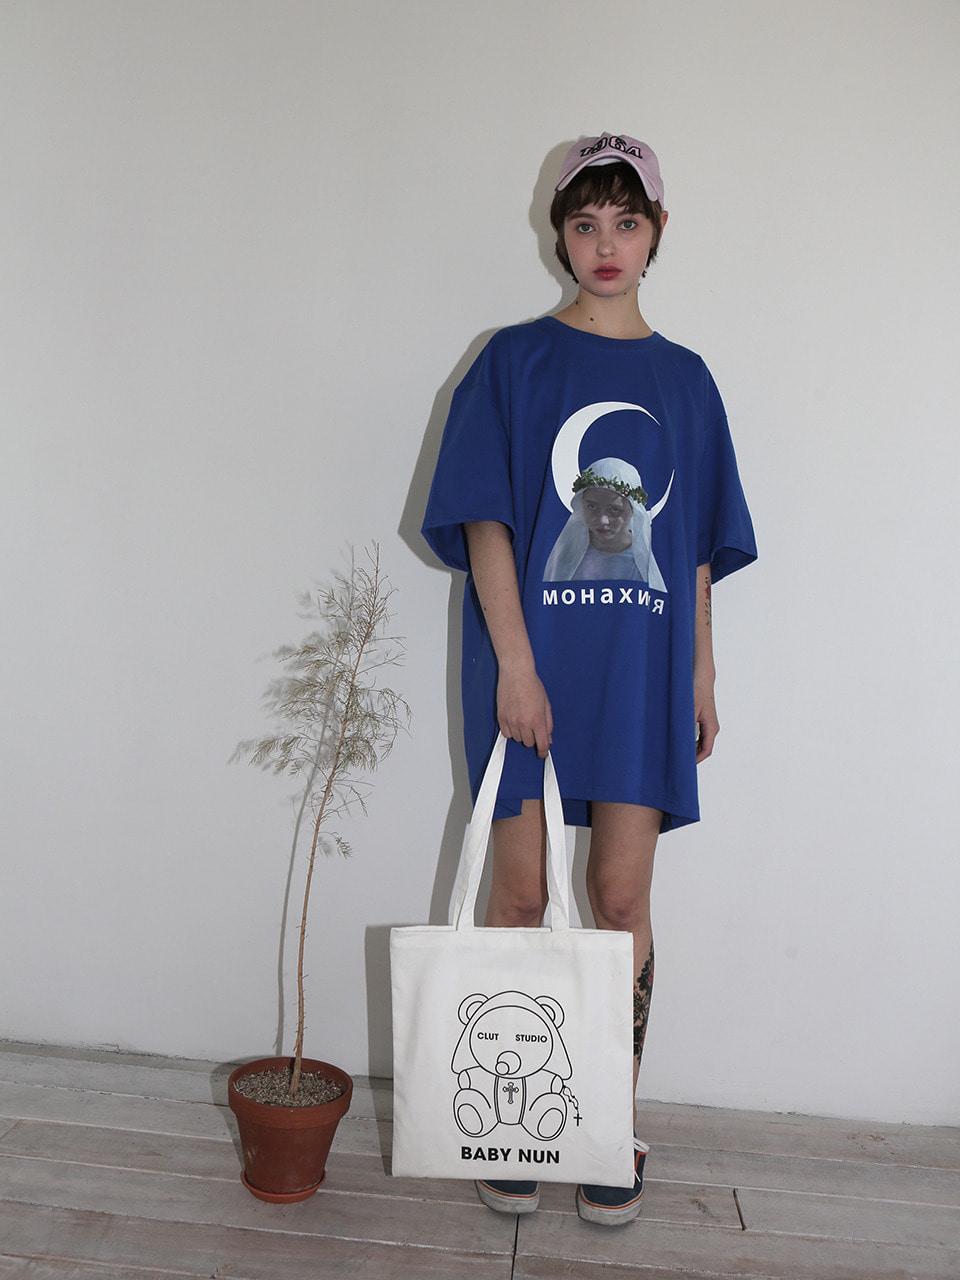 [10% SALE] 1 1 baby nun eco bag - WHITE